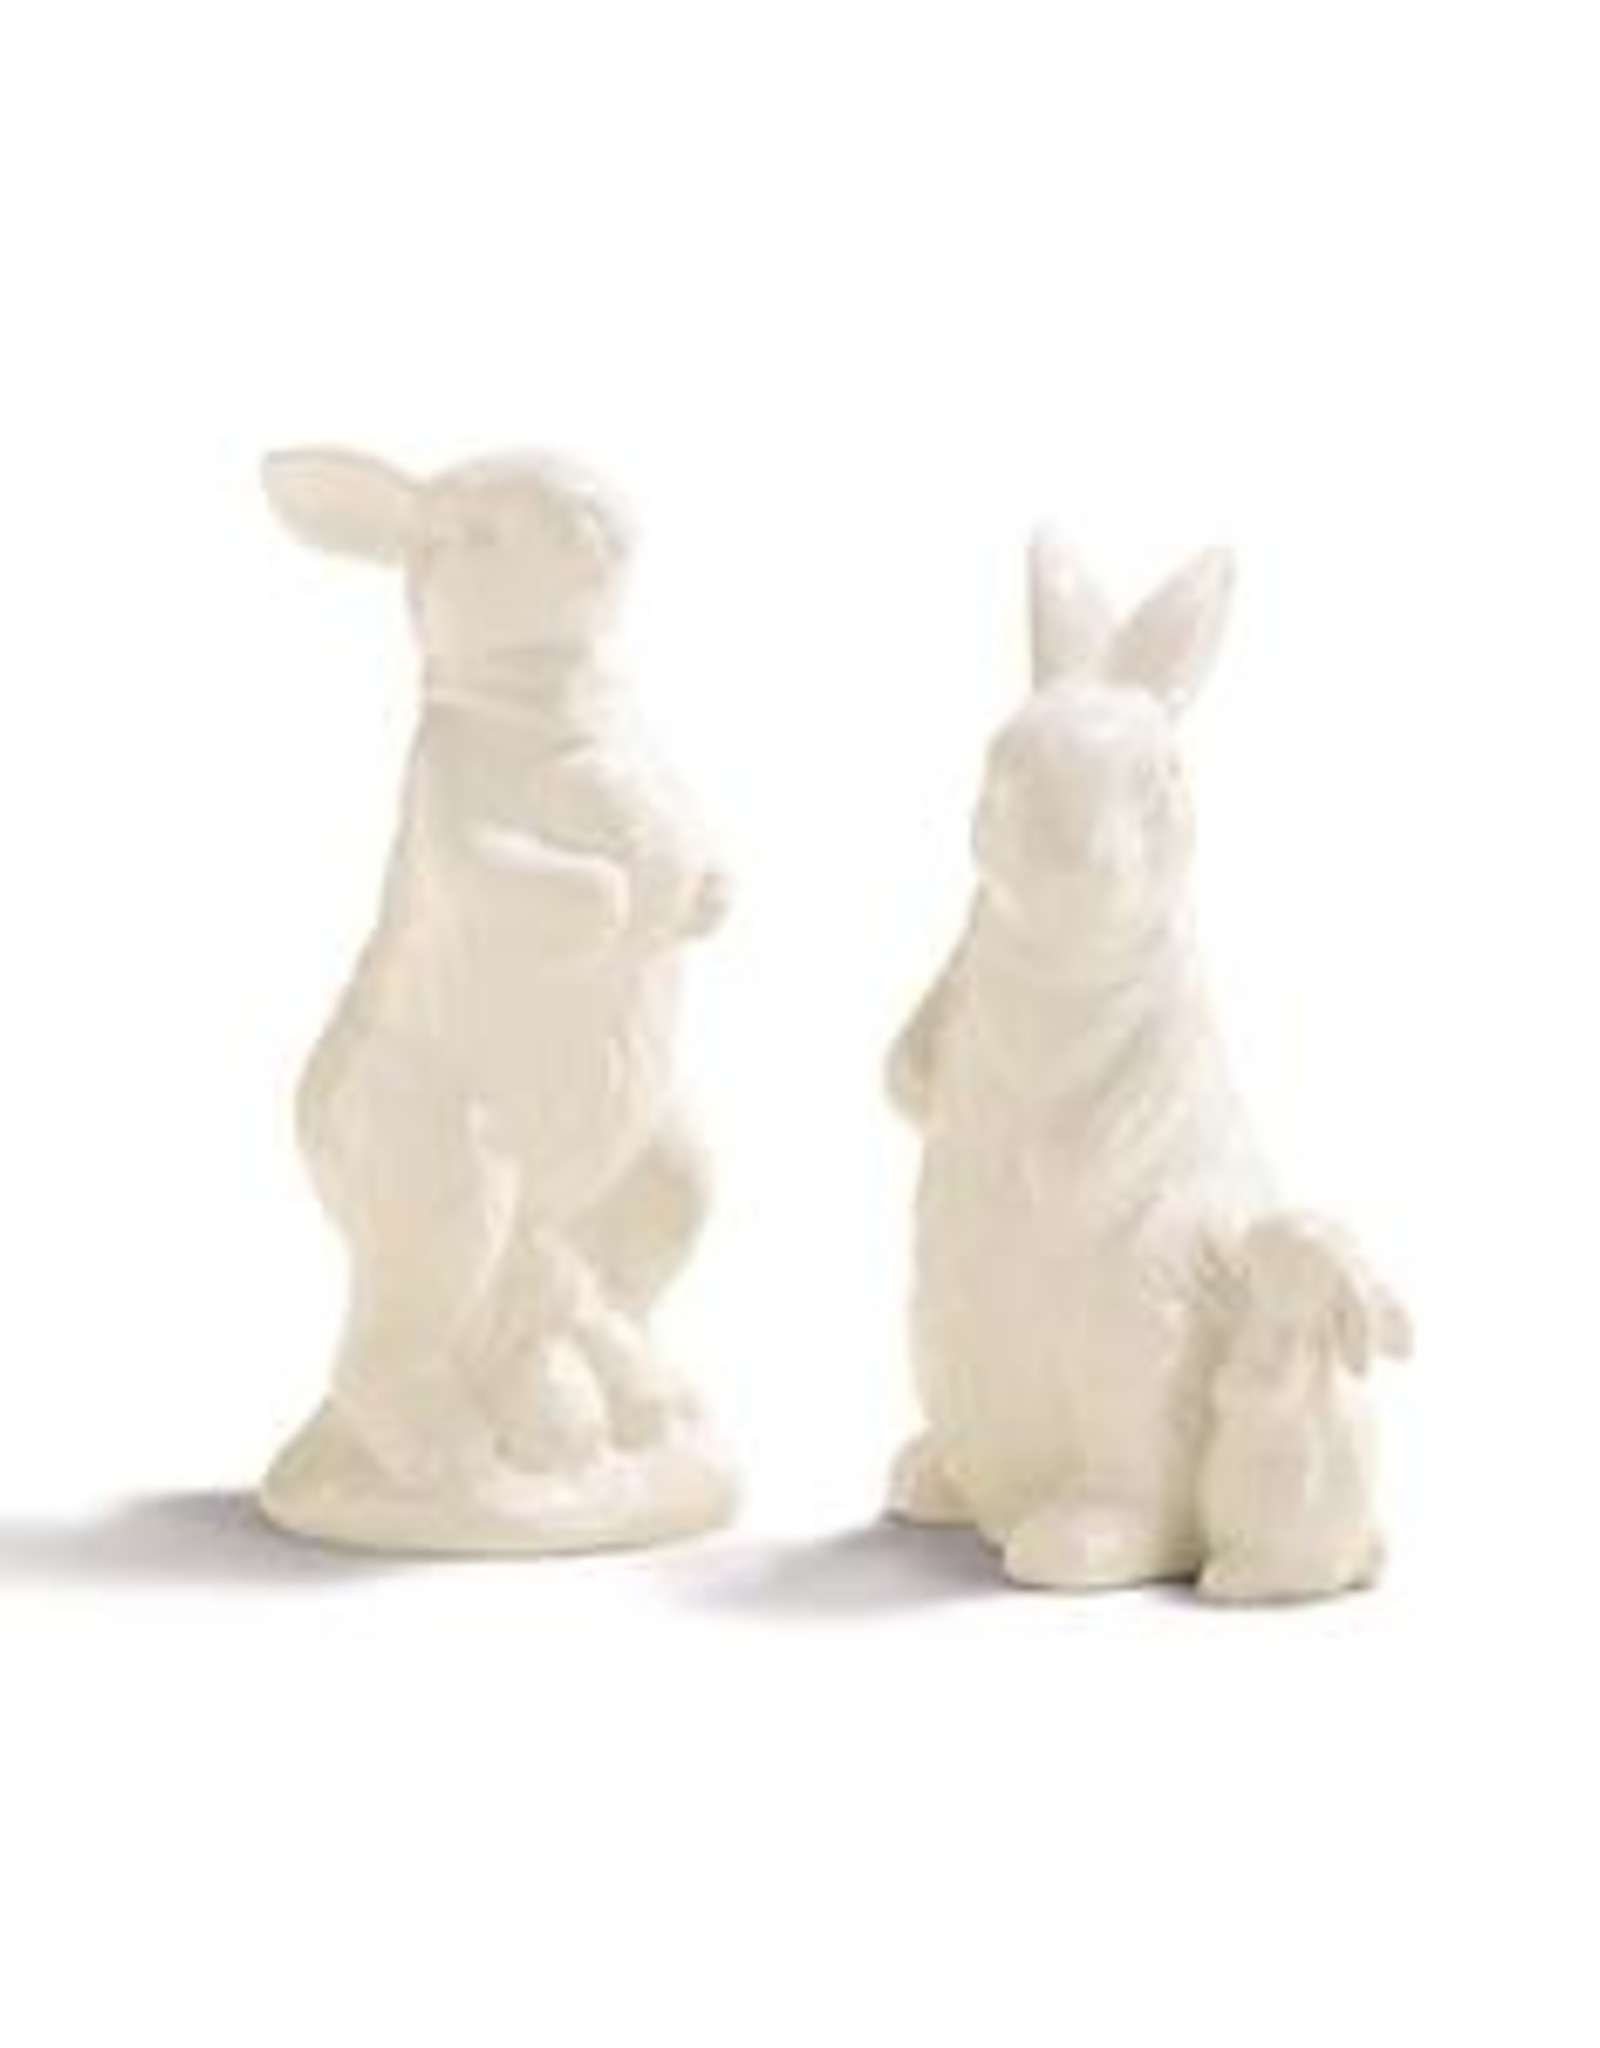 Bunny Statue - White Ceramic